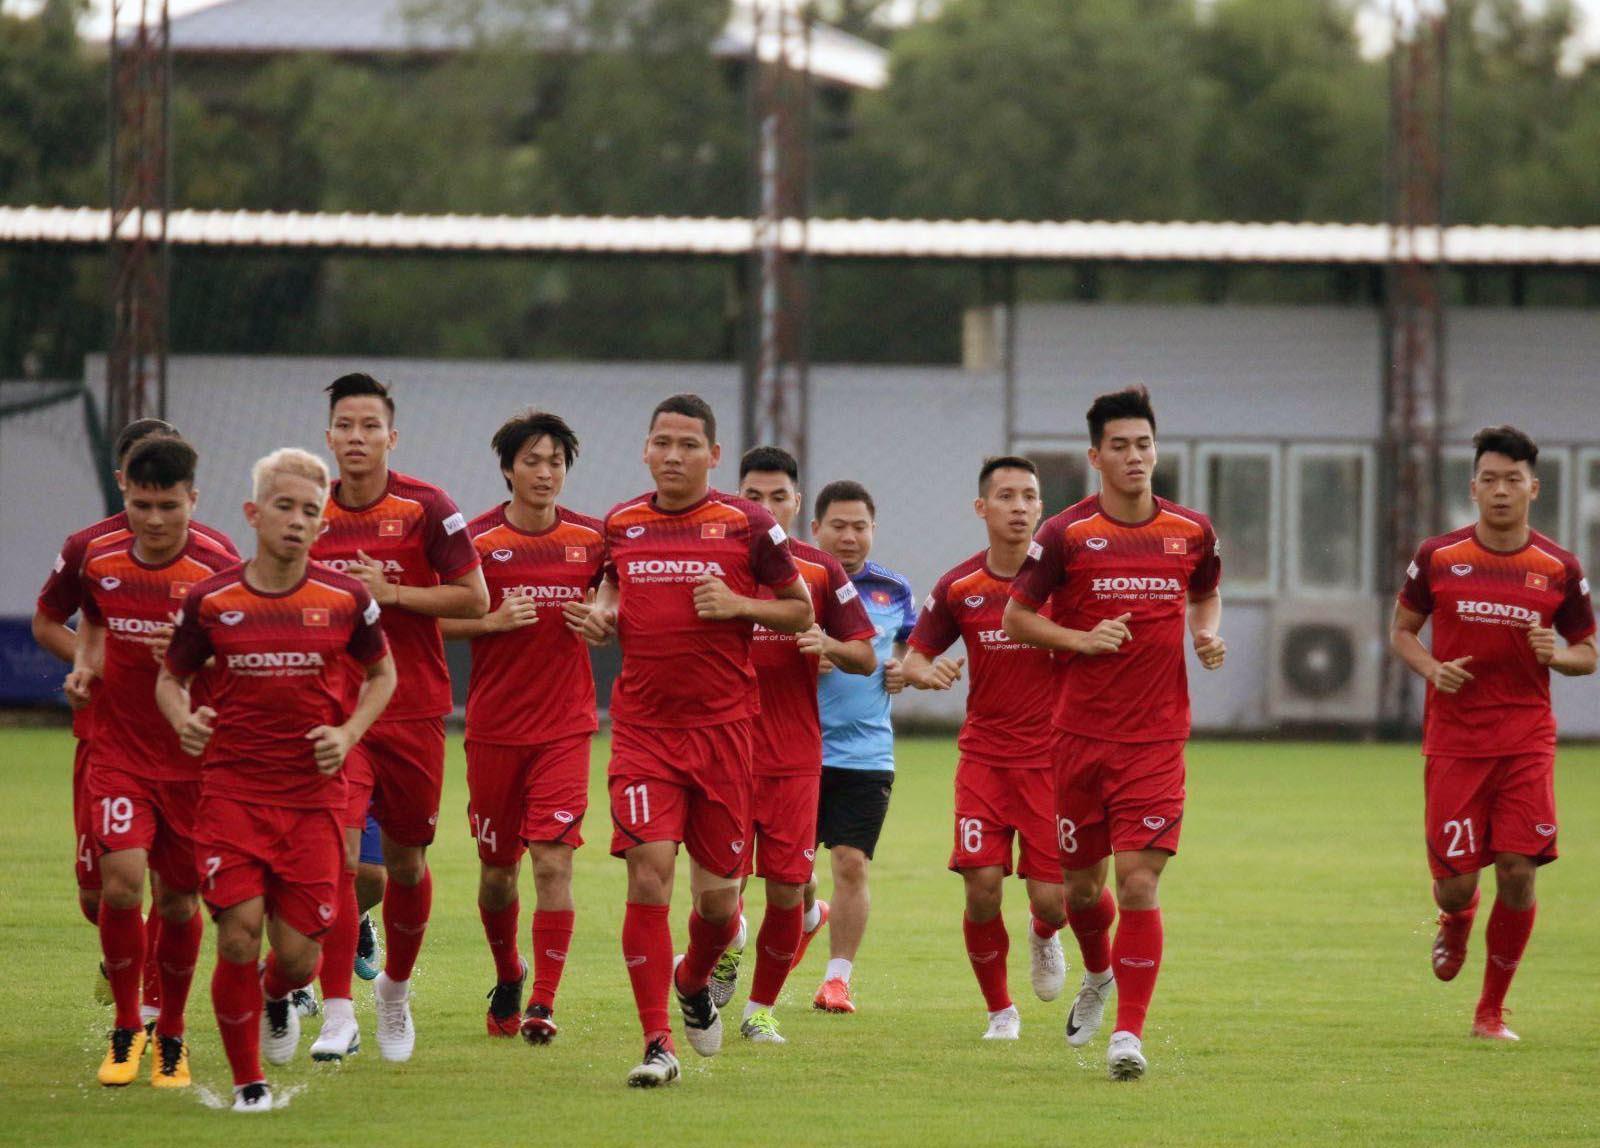 ĐT Việt Nam chốt danh sách 23 cầu thủ cho trận gặp Malaysia